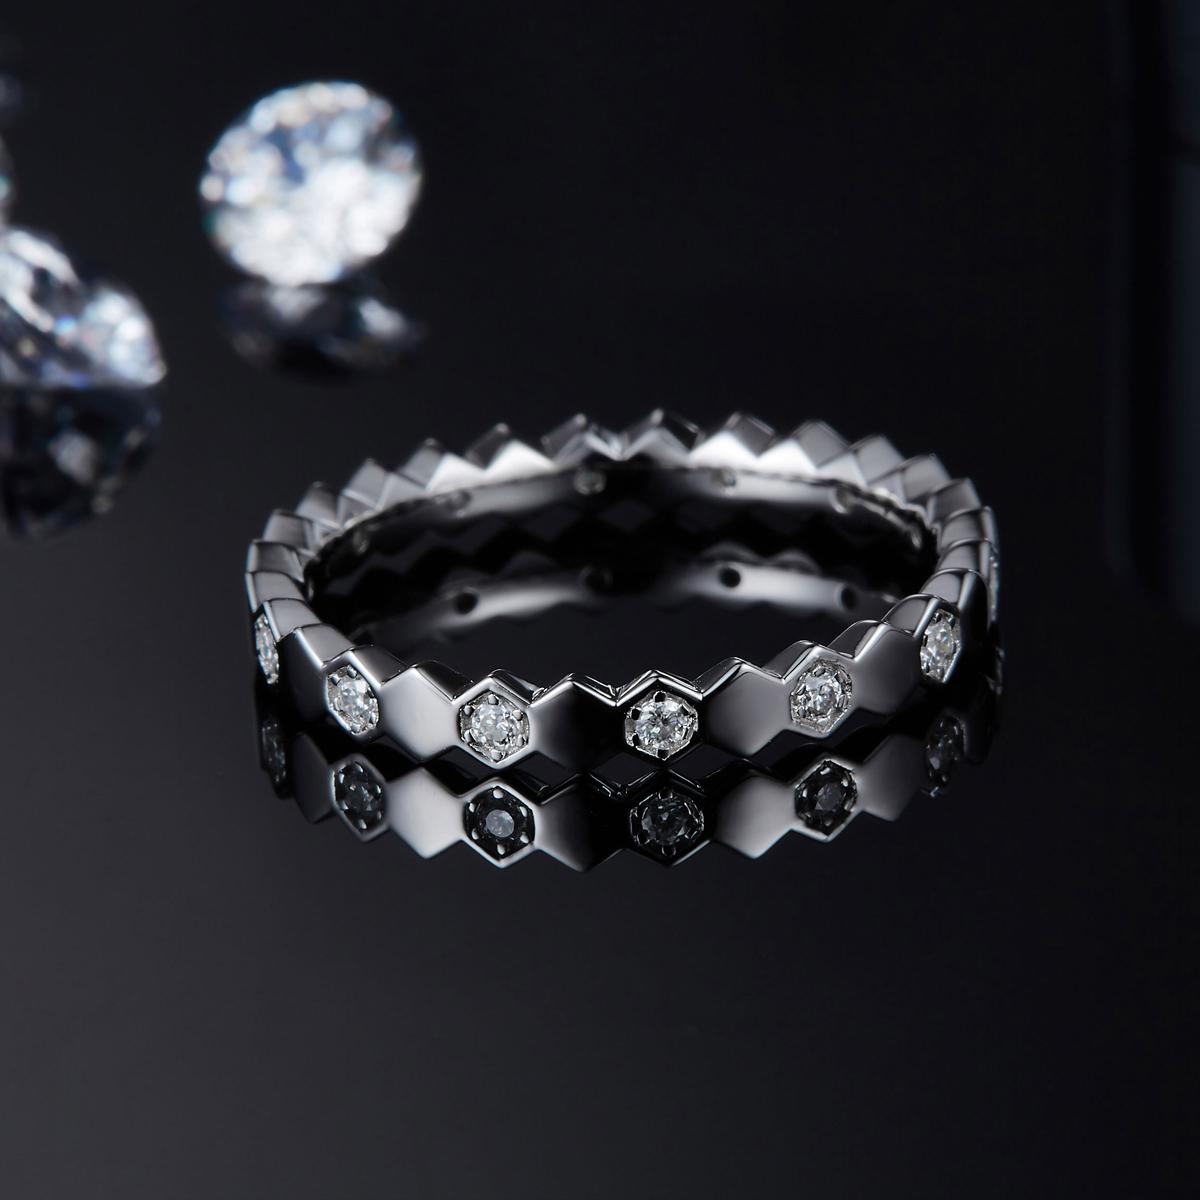 Moissanite Diamond Wedding Rings  -  1mrk.com